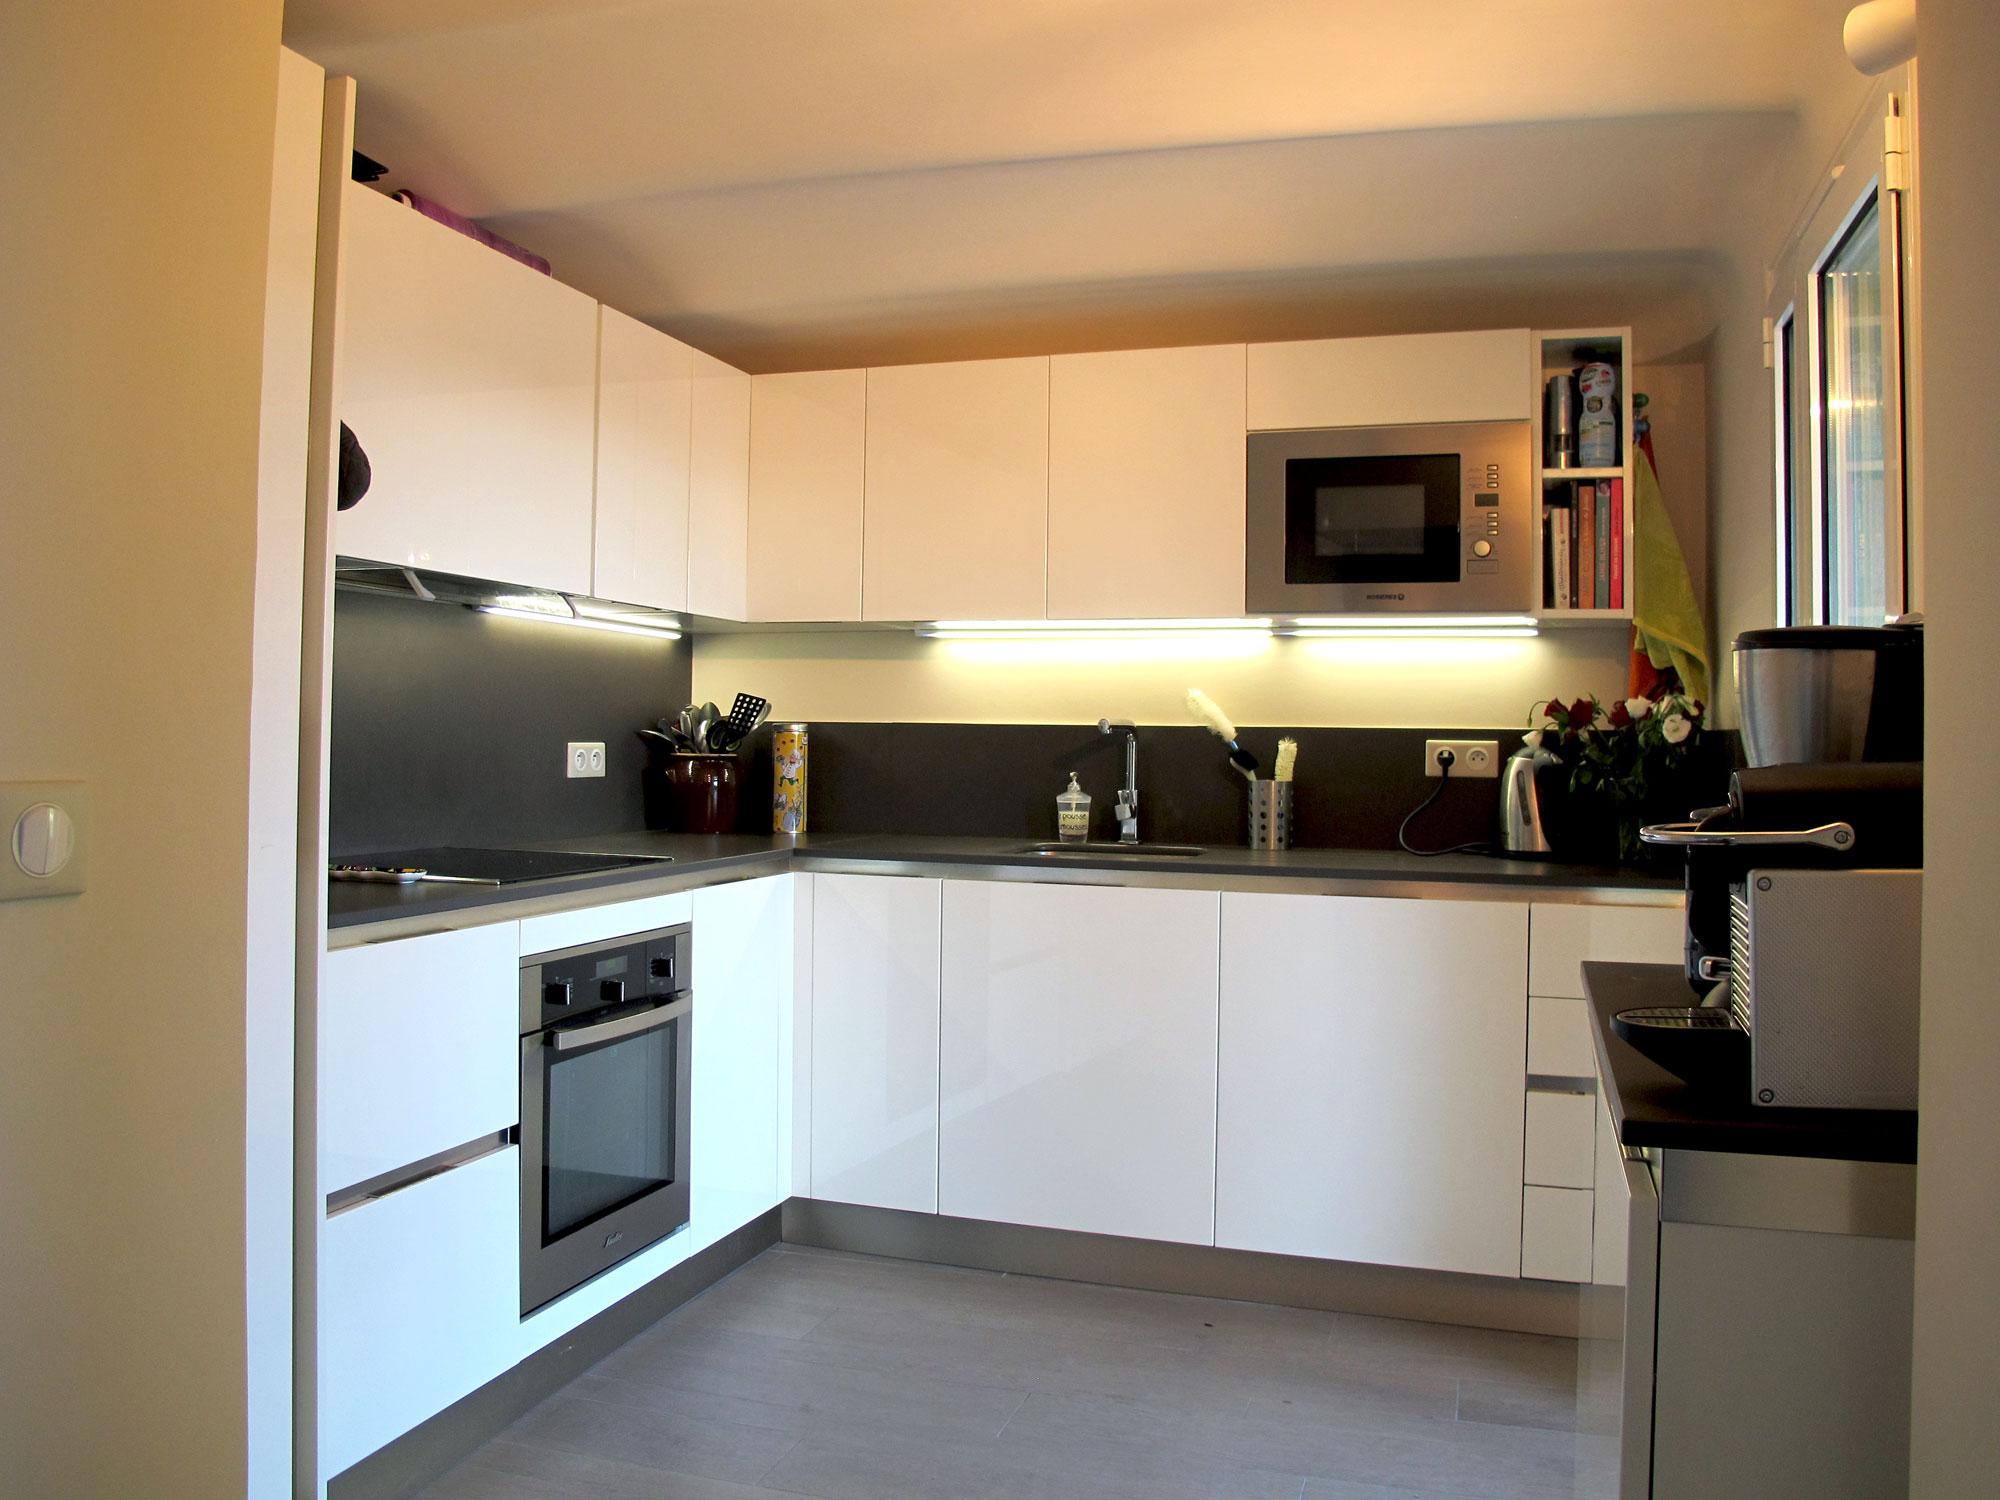 architecte d intrieur nice de qualits duouvrage et de matrise des cots le tout au travers duun. Black Bedroom Furniture Sets. Home Design Ideas